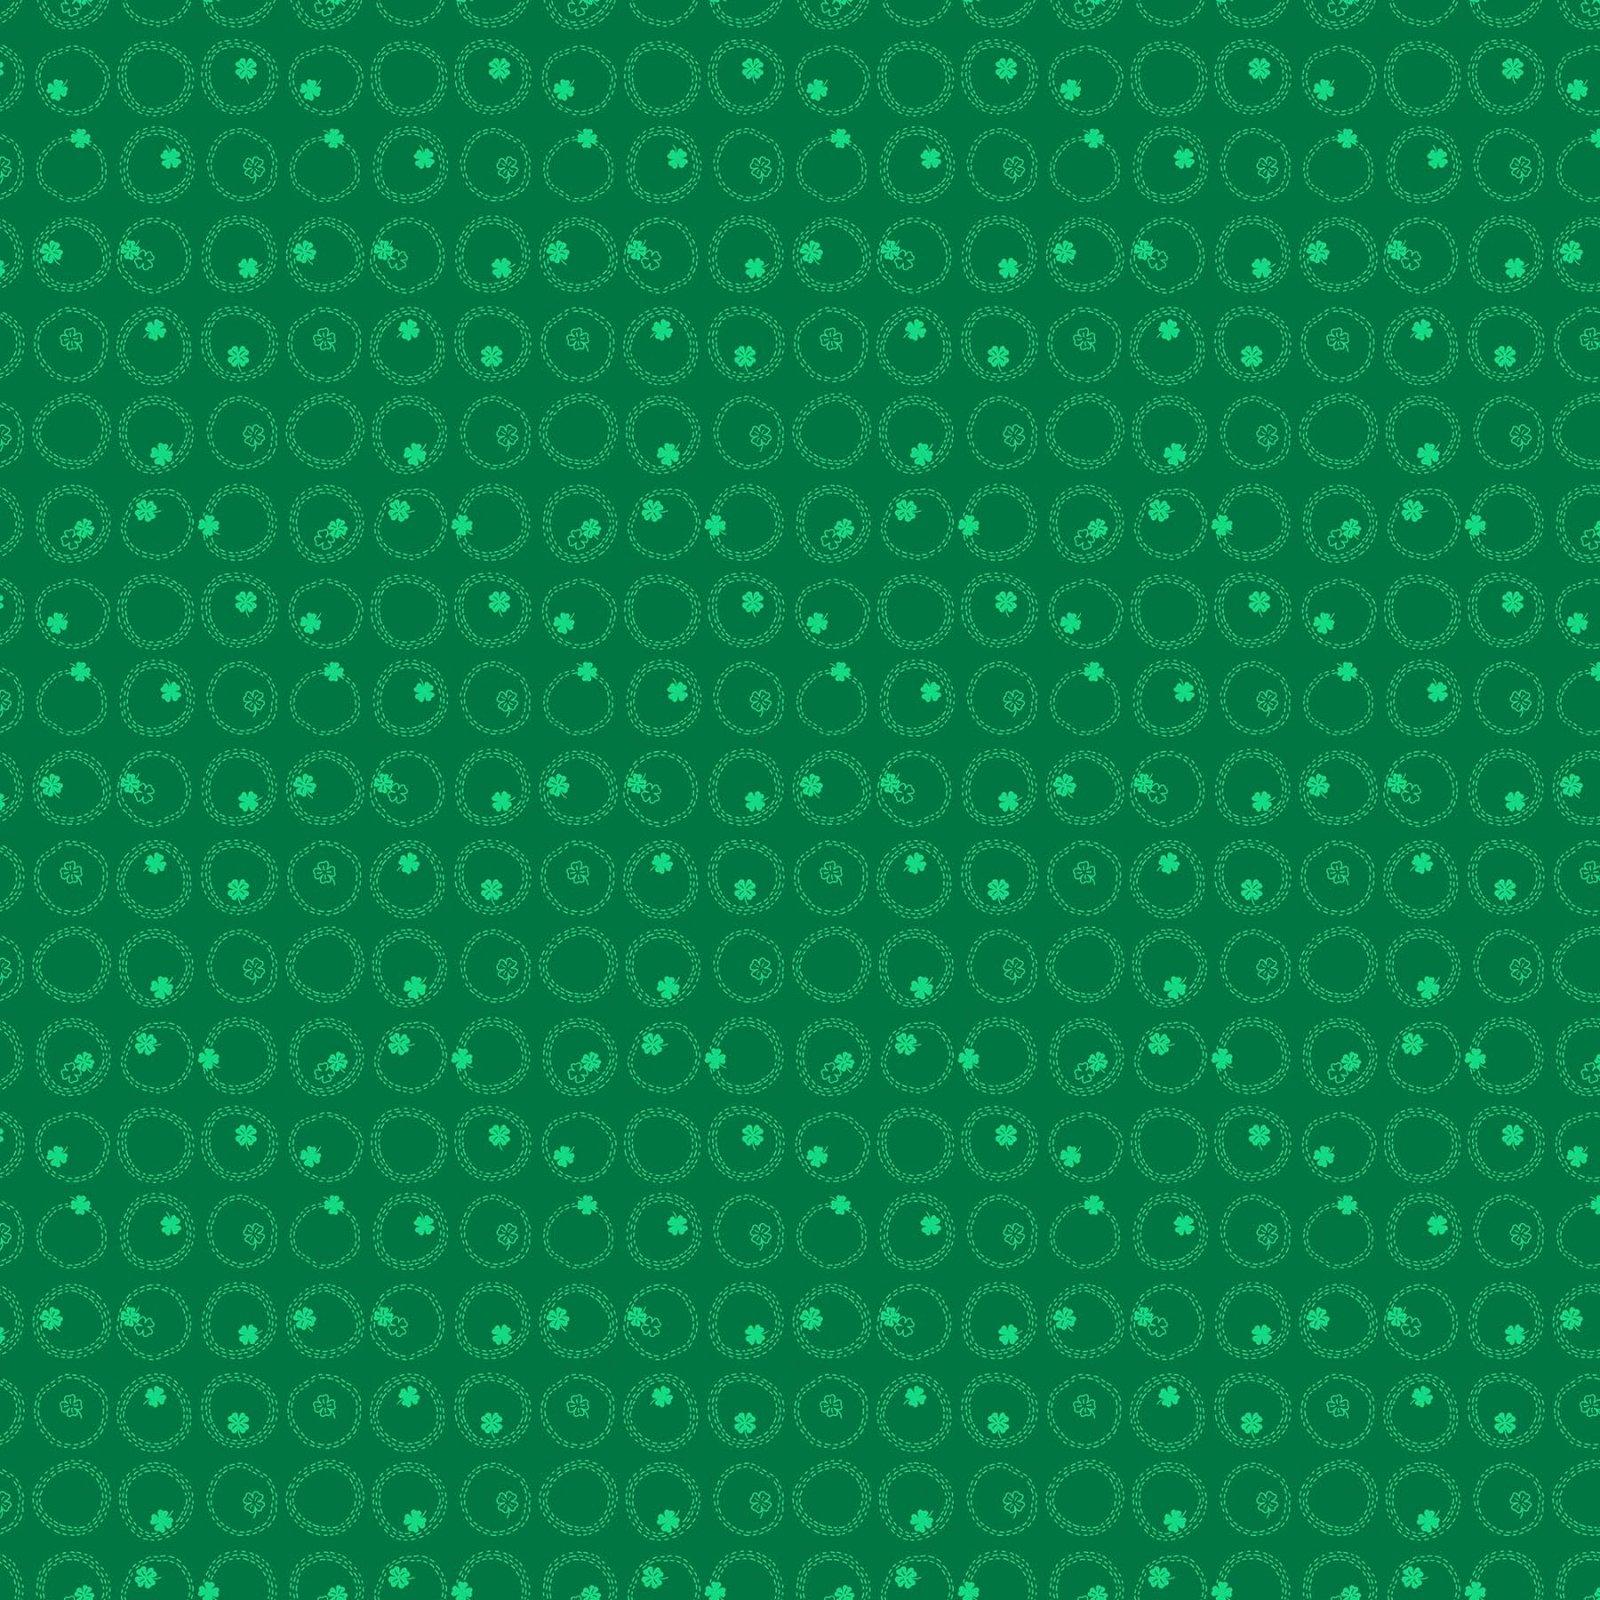 FIGO Four Leaf Clovers Green